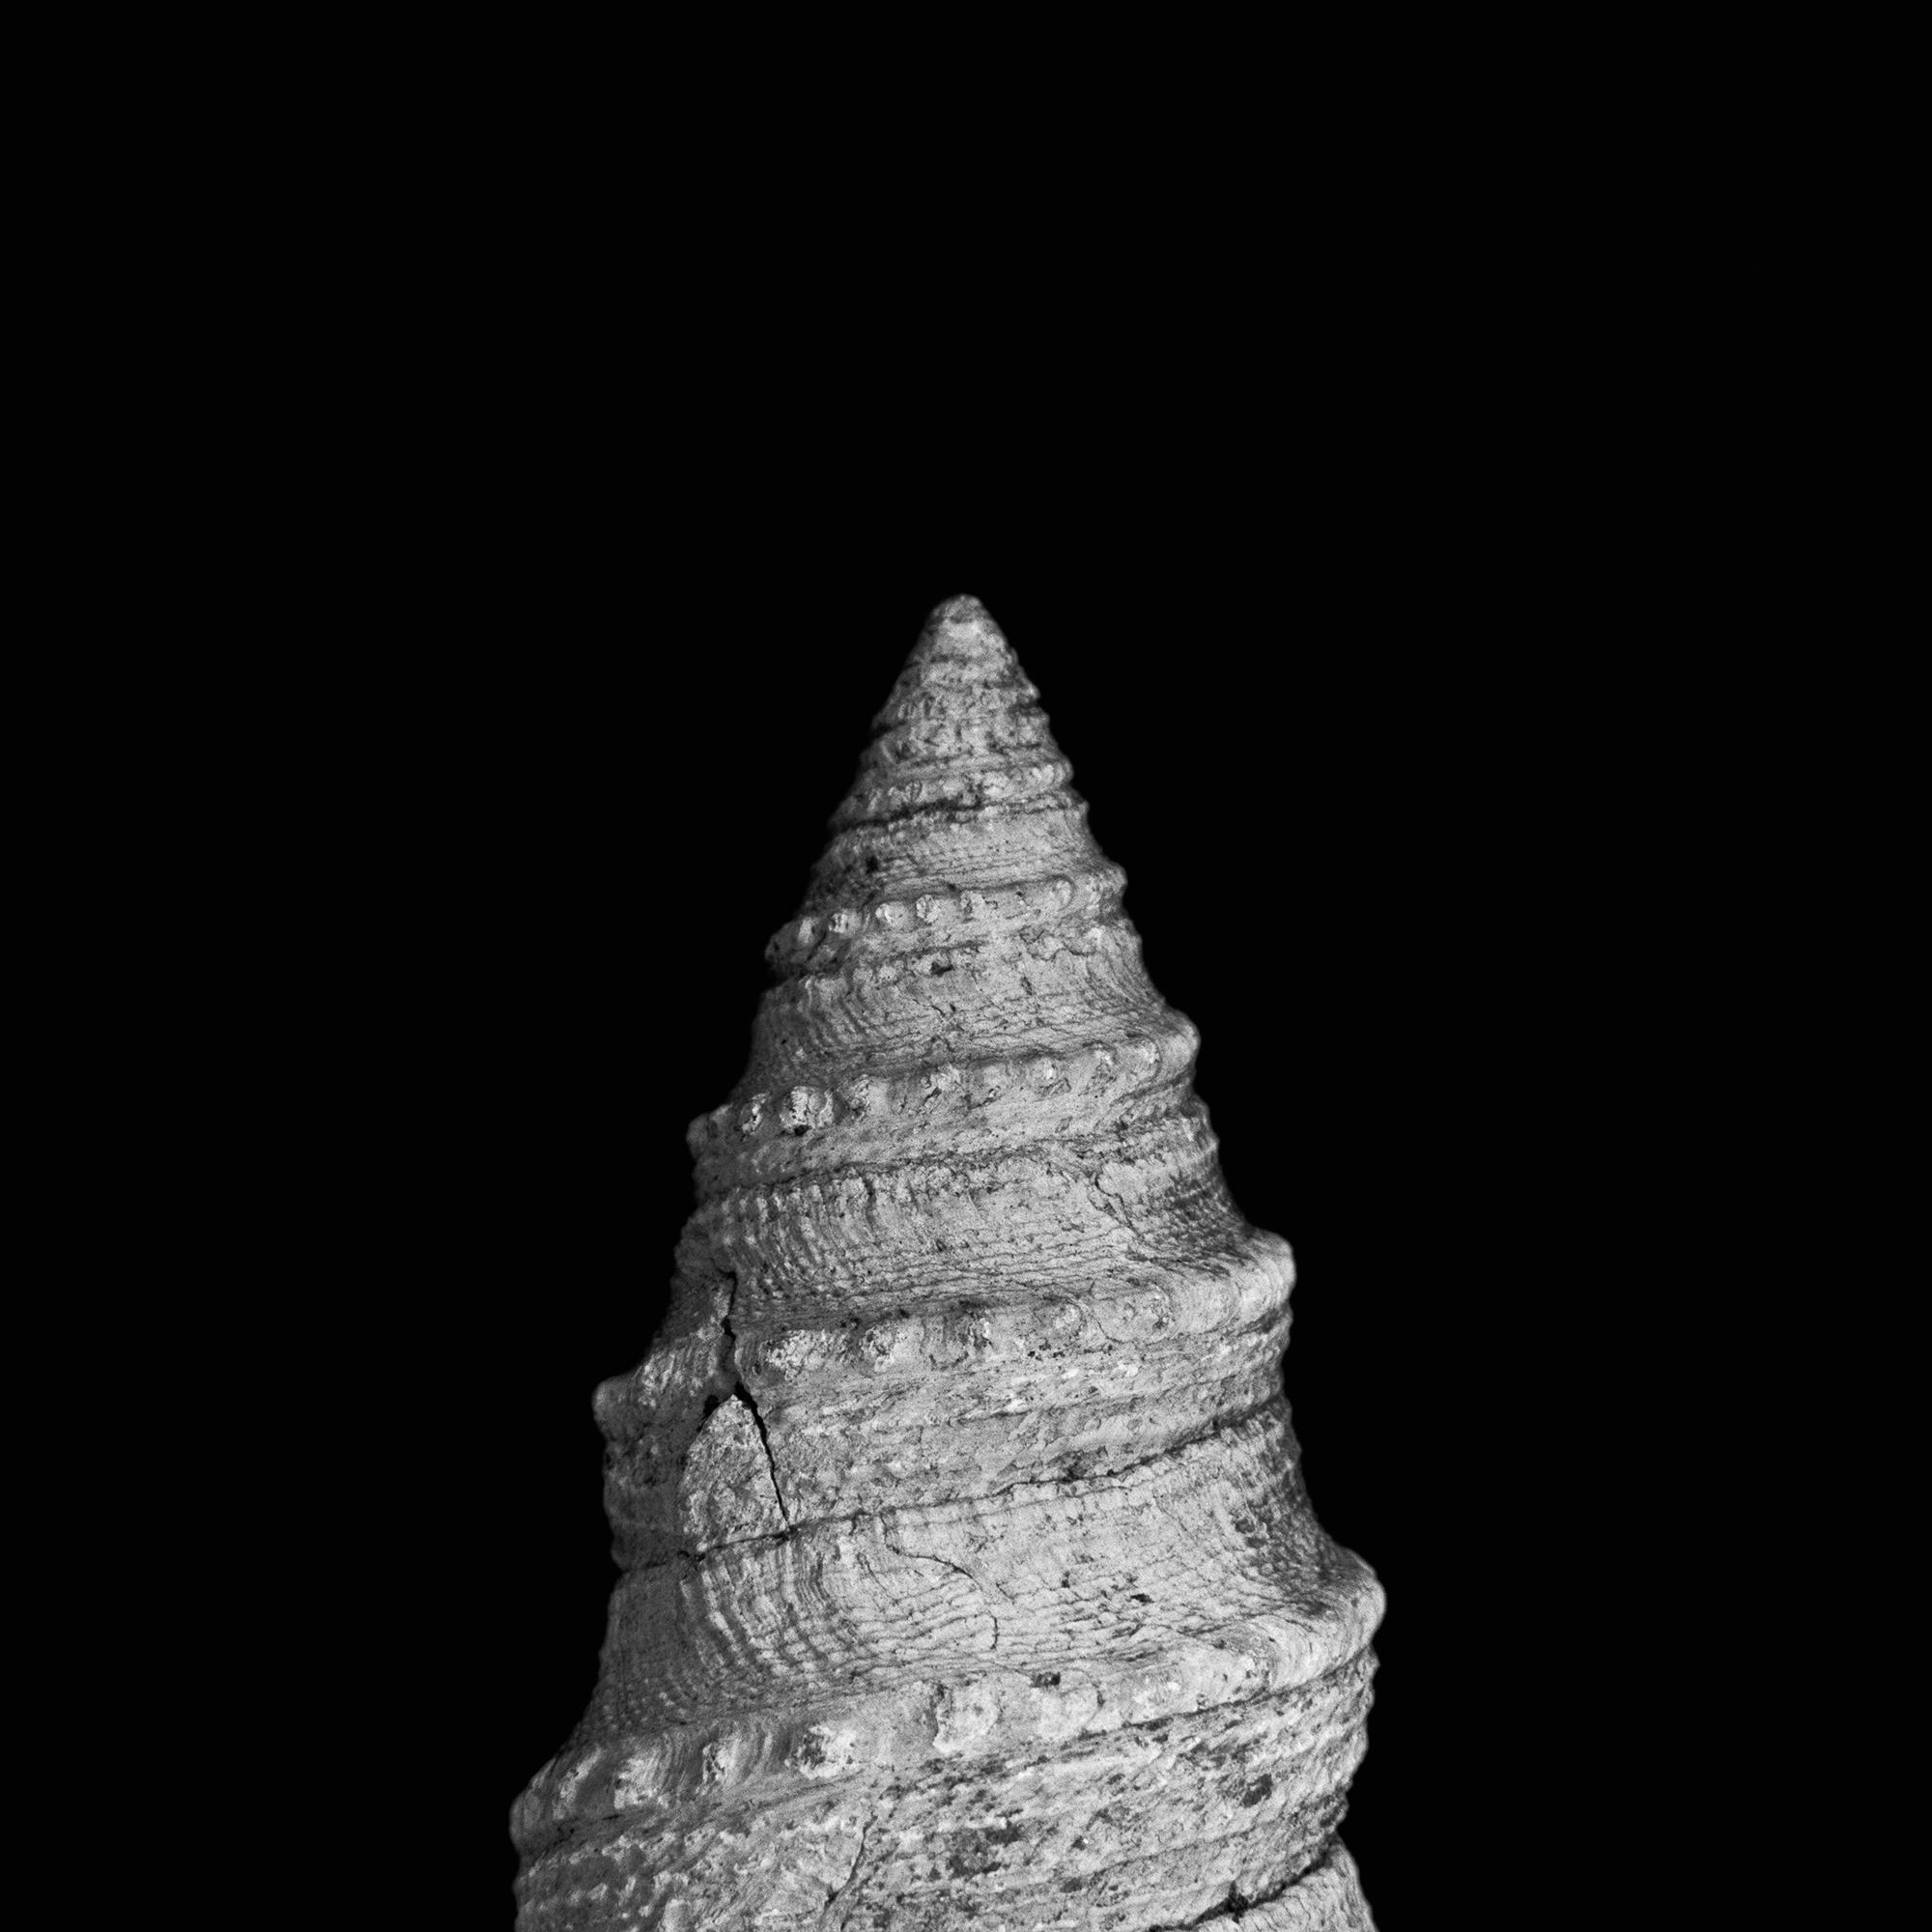 Dolichotorna trachytoma, Paläpgen, Unter-Oligozän, Sachsen-Anhalt, Deutschland